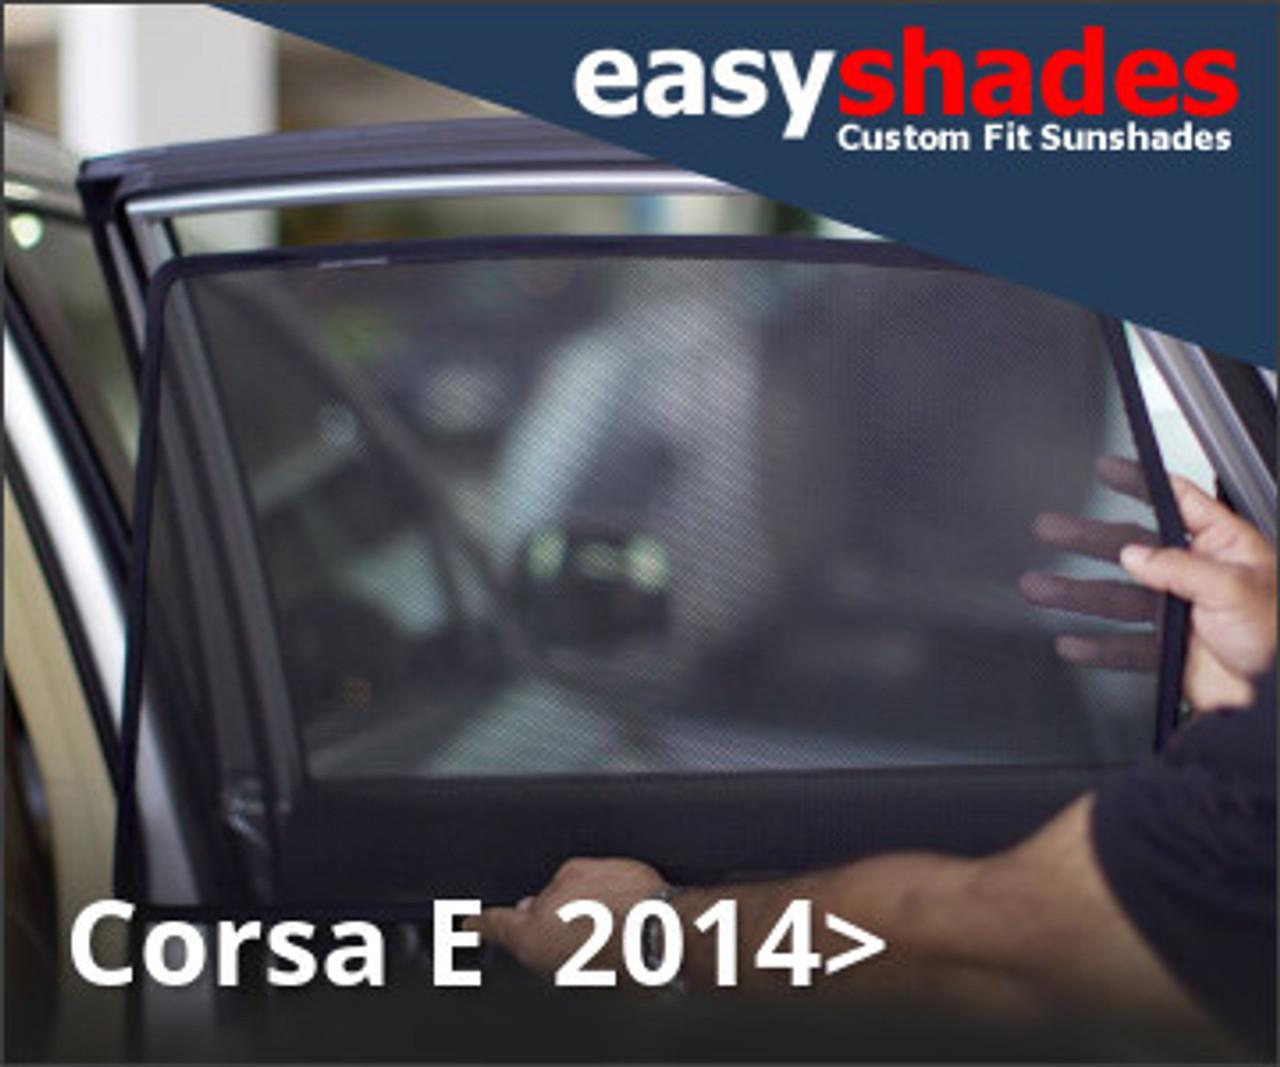 Corsa E 2014>